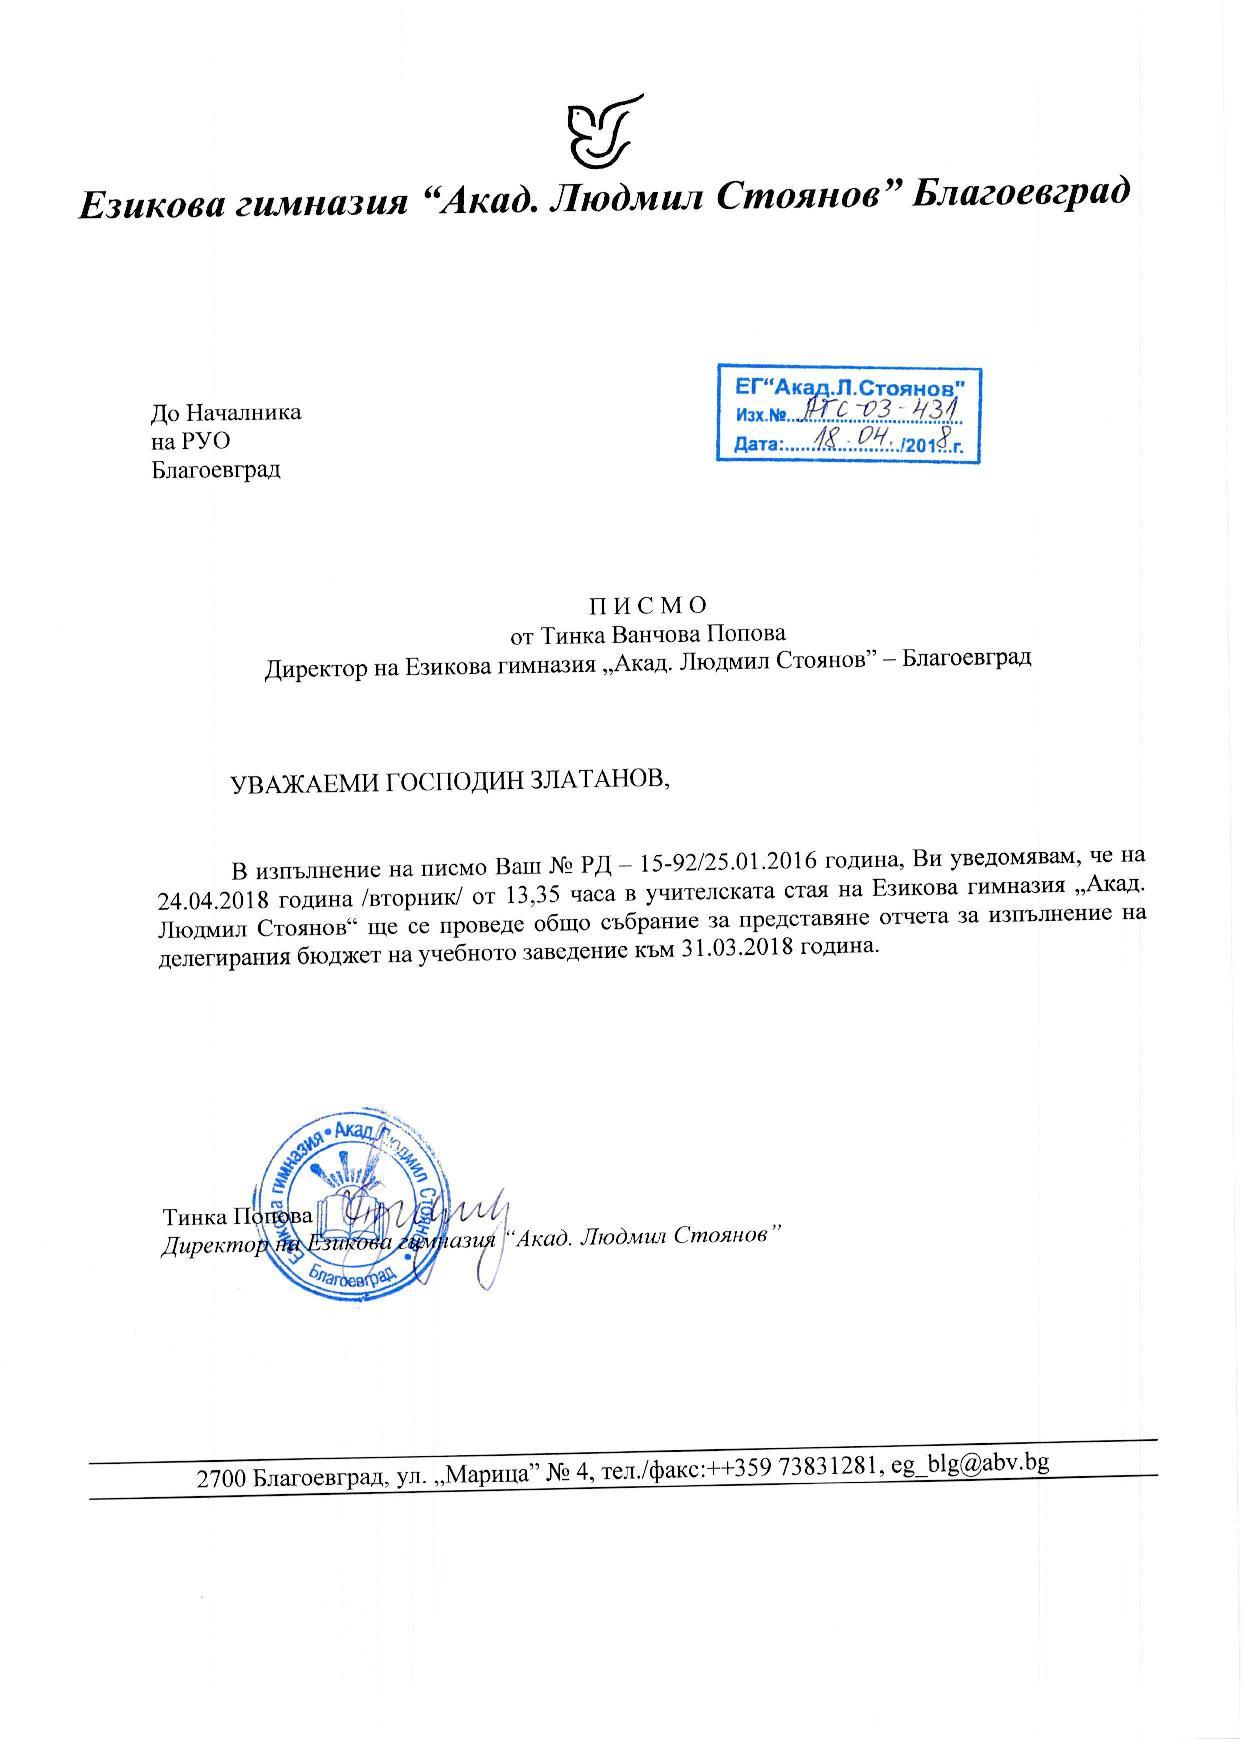 otchet kam 31 03 2018 001